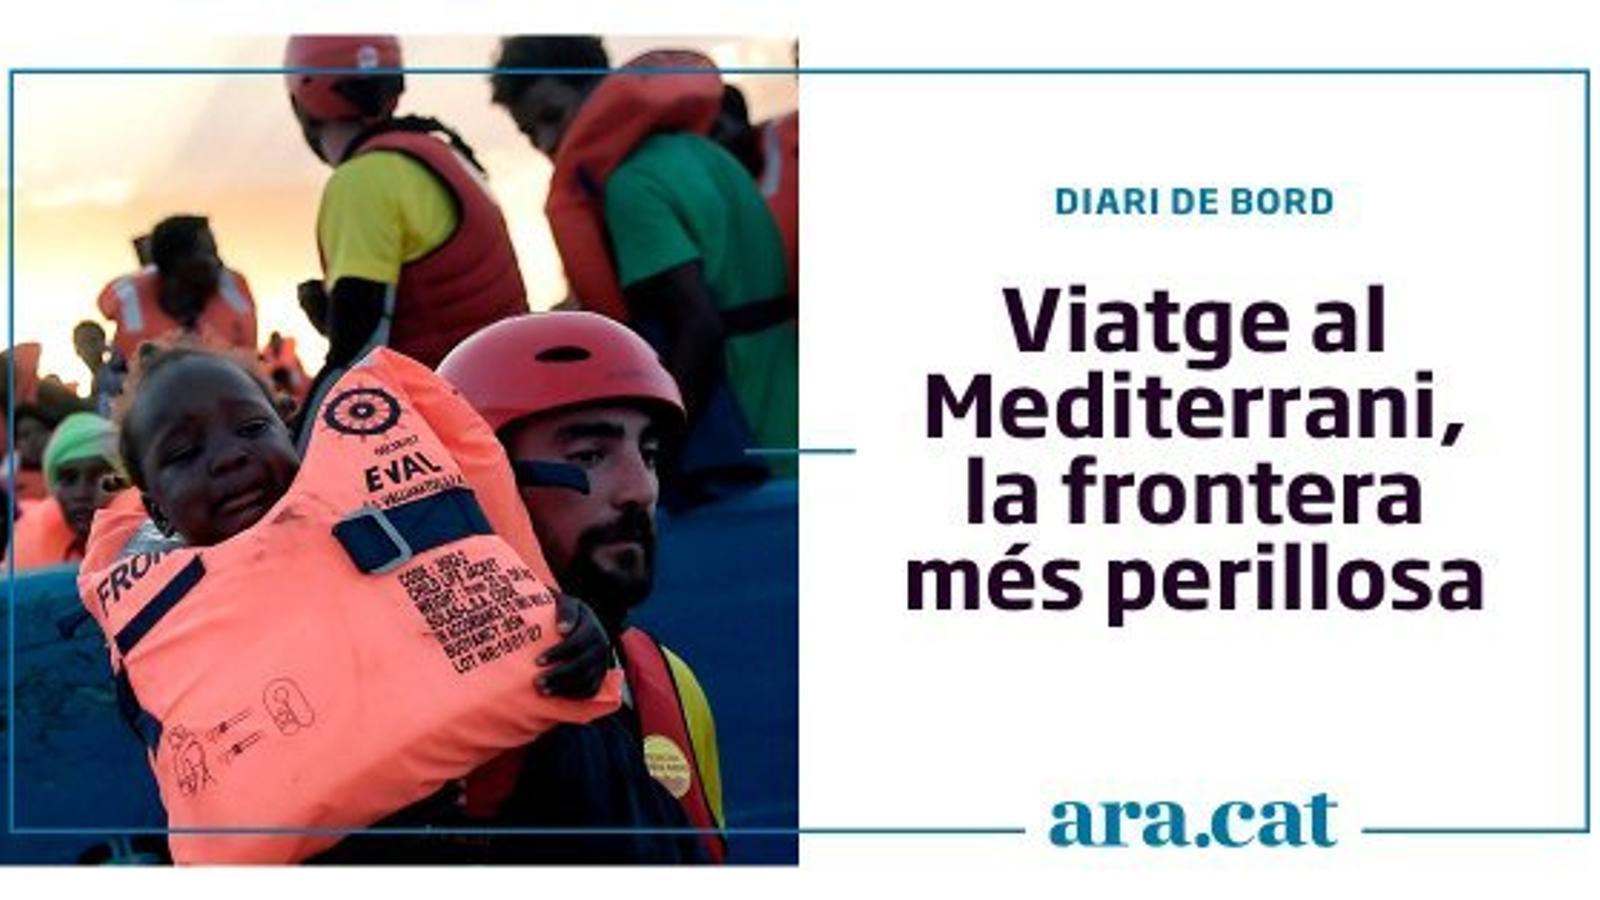 Viatge al Mediterrani, la frontera més perillosa